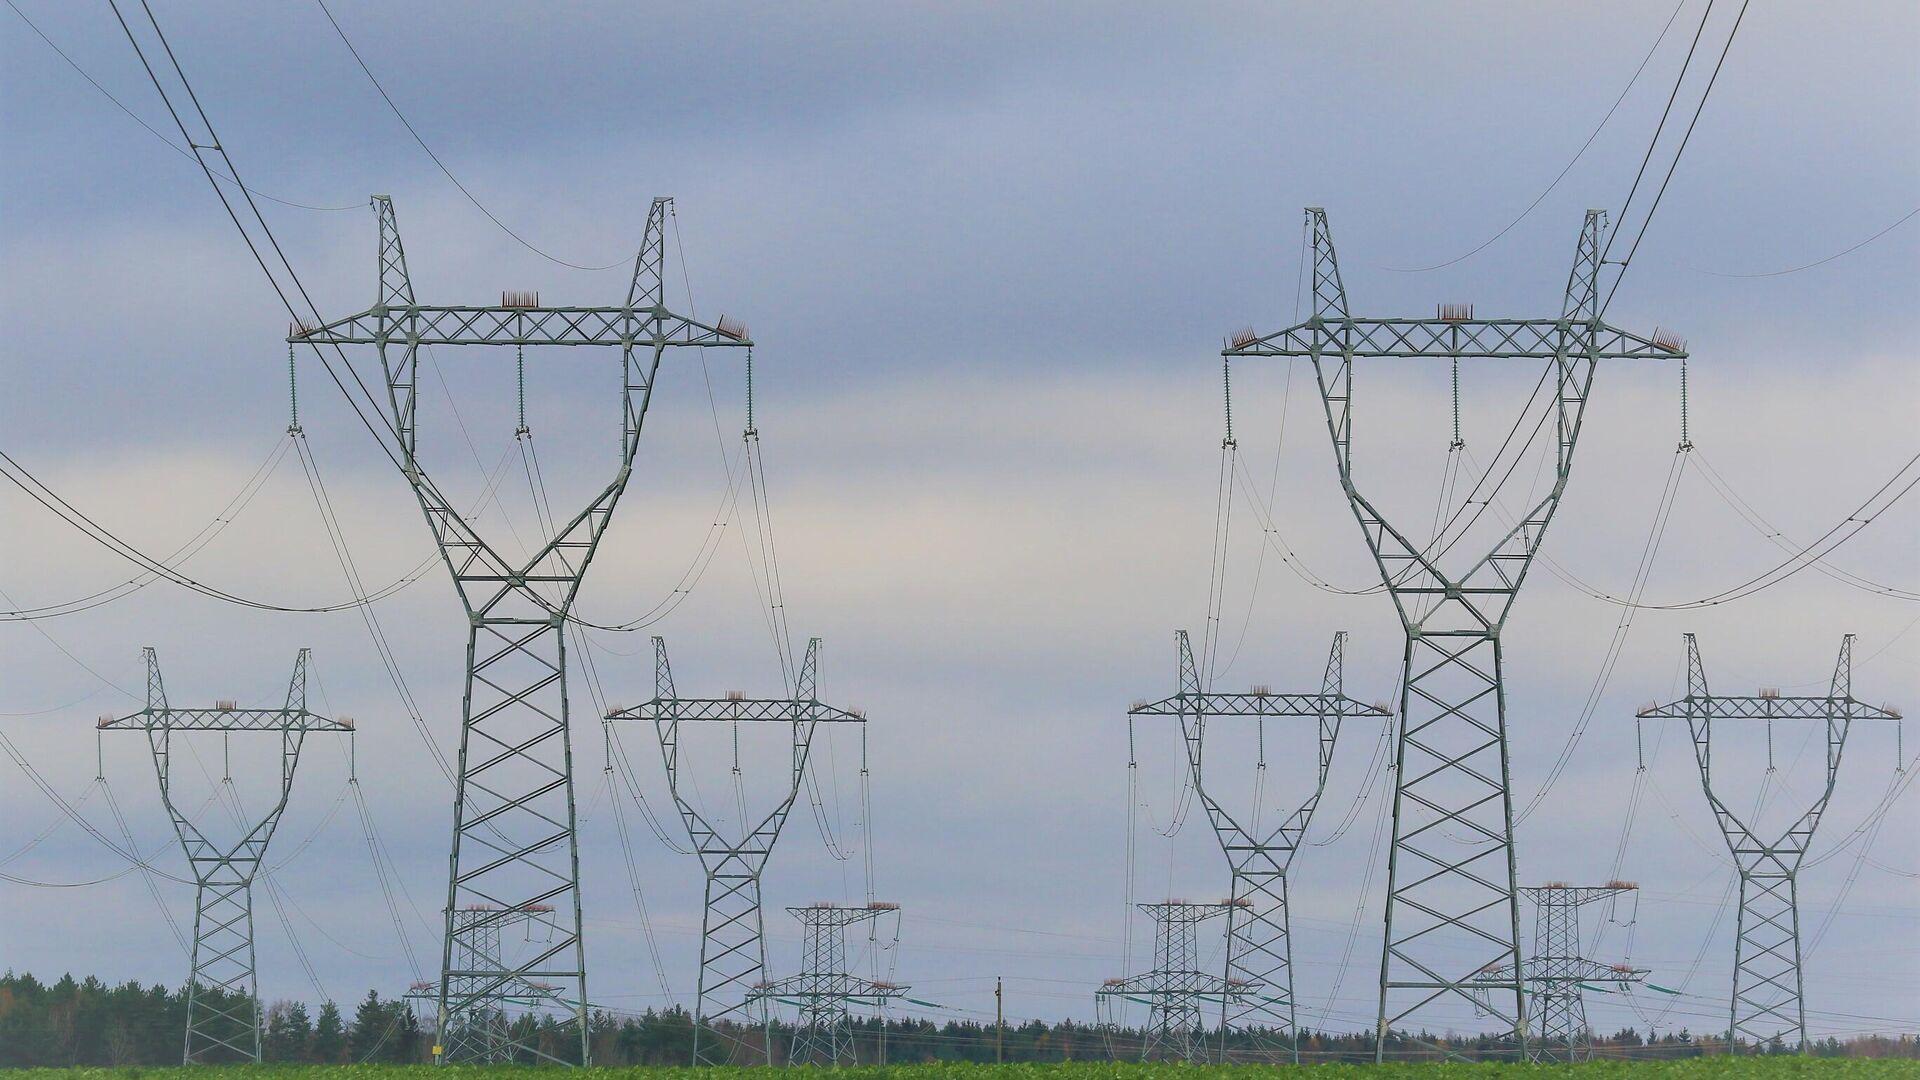 Энергетический пуск энергоблока № 1 Белорусской АЭС - РИА Новости, 1920, 08.11.2020